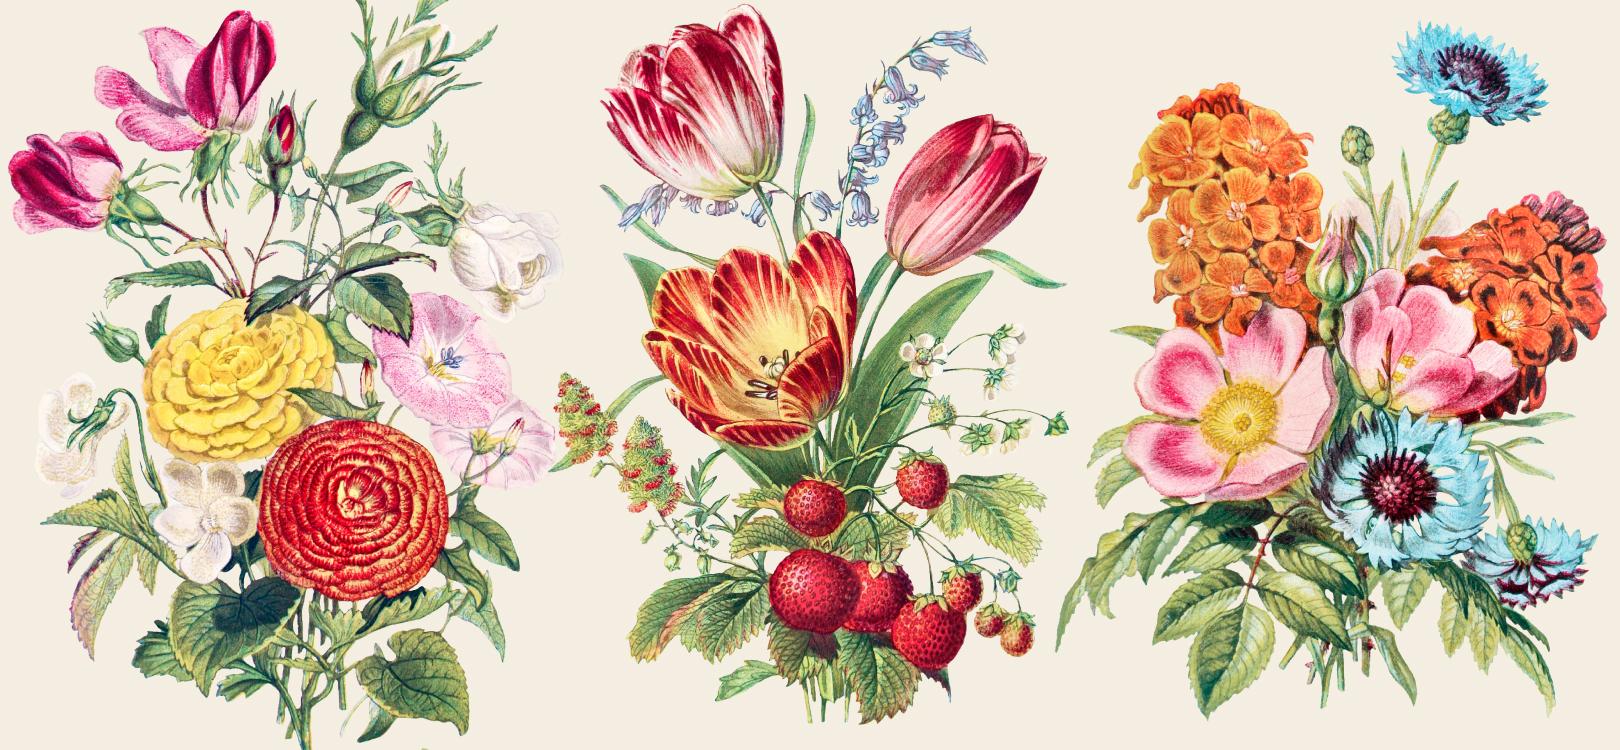 Build Your Own Floral Bouquet